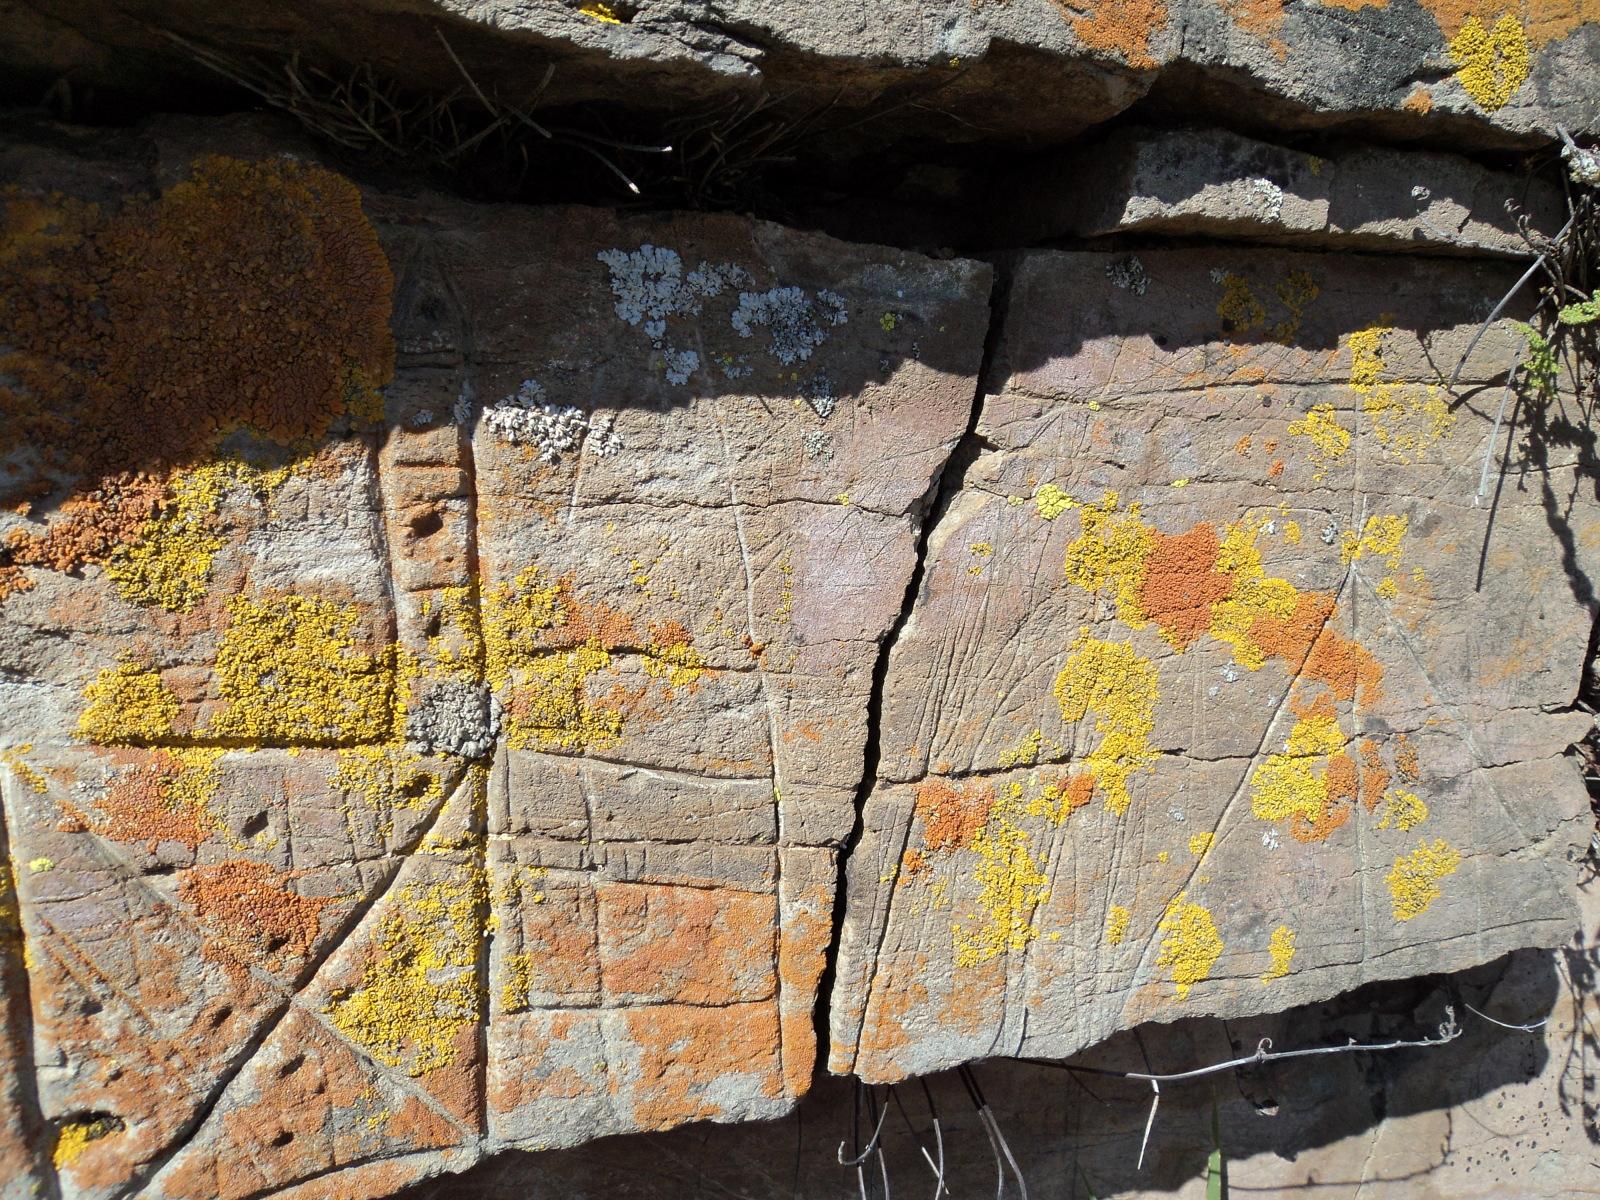 ayuda  para estas marcas en una piedra 30vey2t